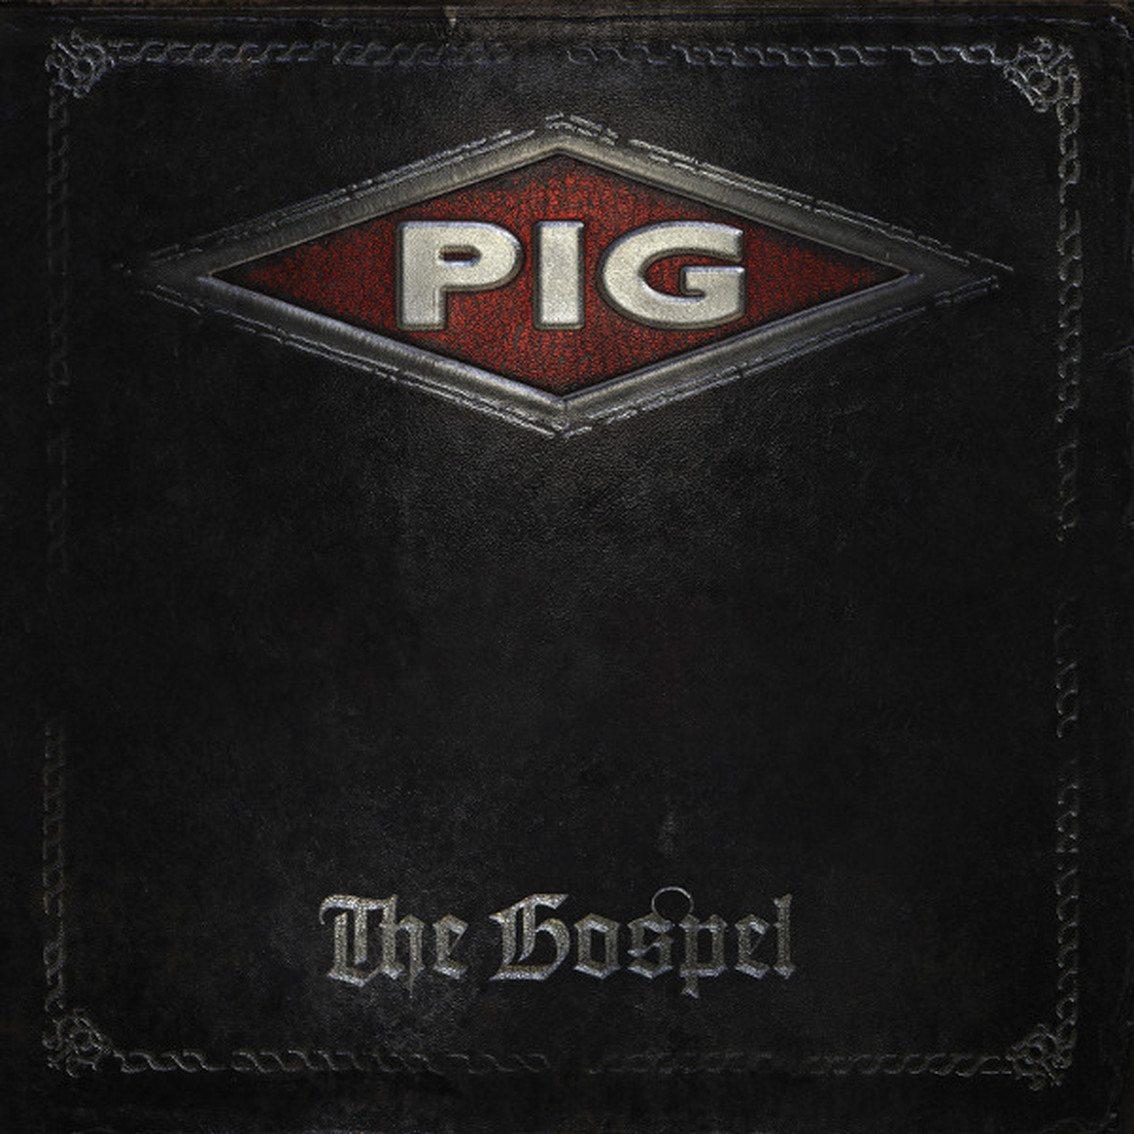 PIG returns!'The Gospel' gets a 2LP vinyl/CD treatment!